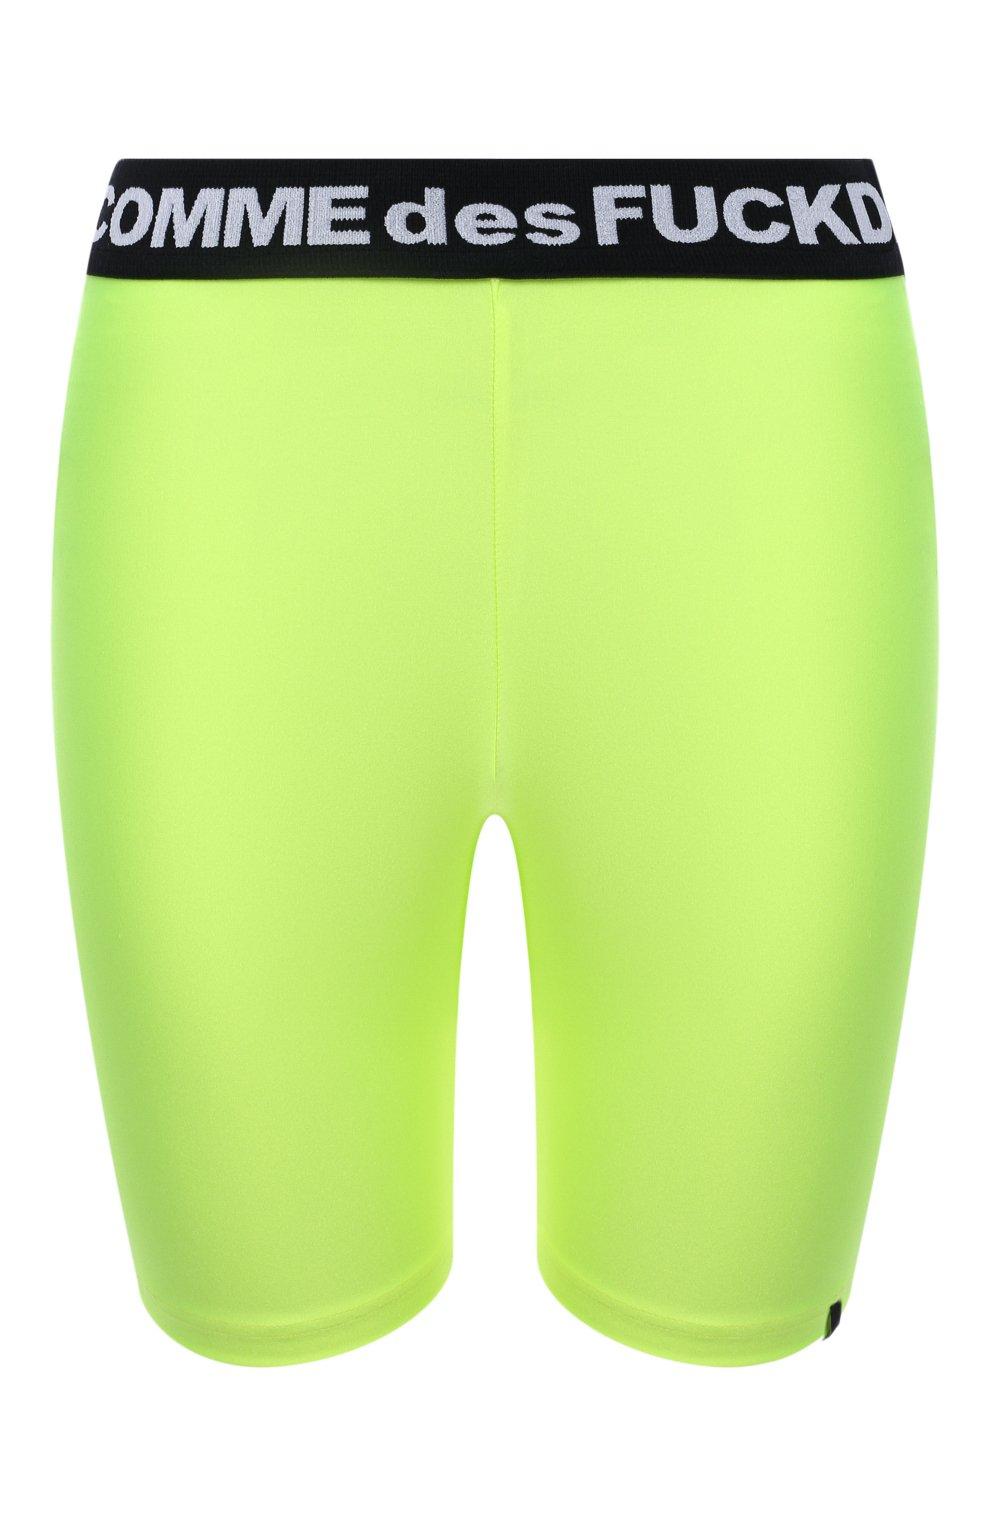 Женские шорты COMME DES FUCKDOWN светло-зеленого цвета, арт. CDFD1382 | Фото 1 (Женское Кросс-КТ: Шорты-одежда, Шорты-спорт; Длина Ж (юбки, платья, шорты): Мини; Материал внешний: Синтетический материал; Стили: Спорт-шик)